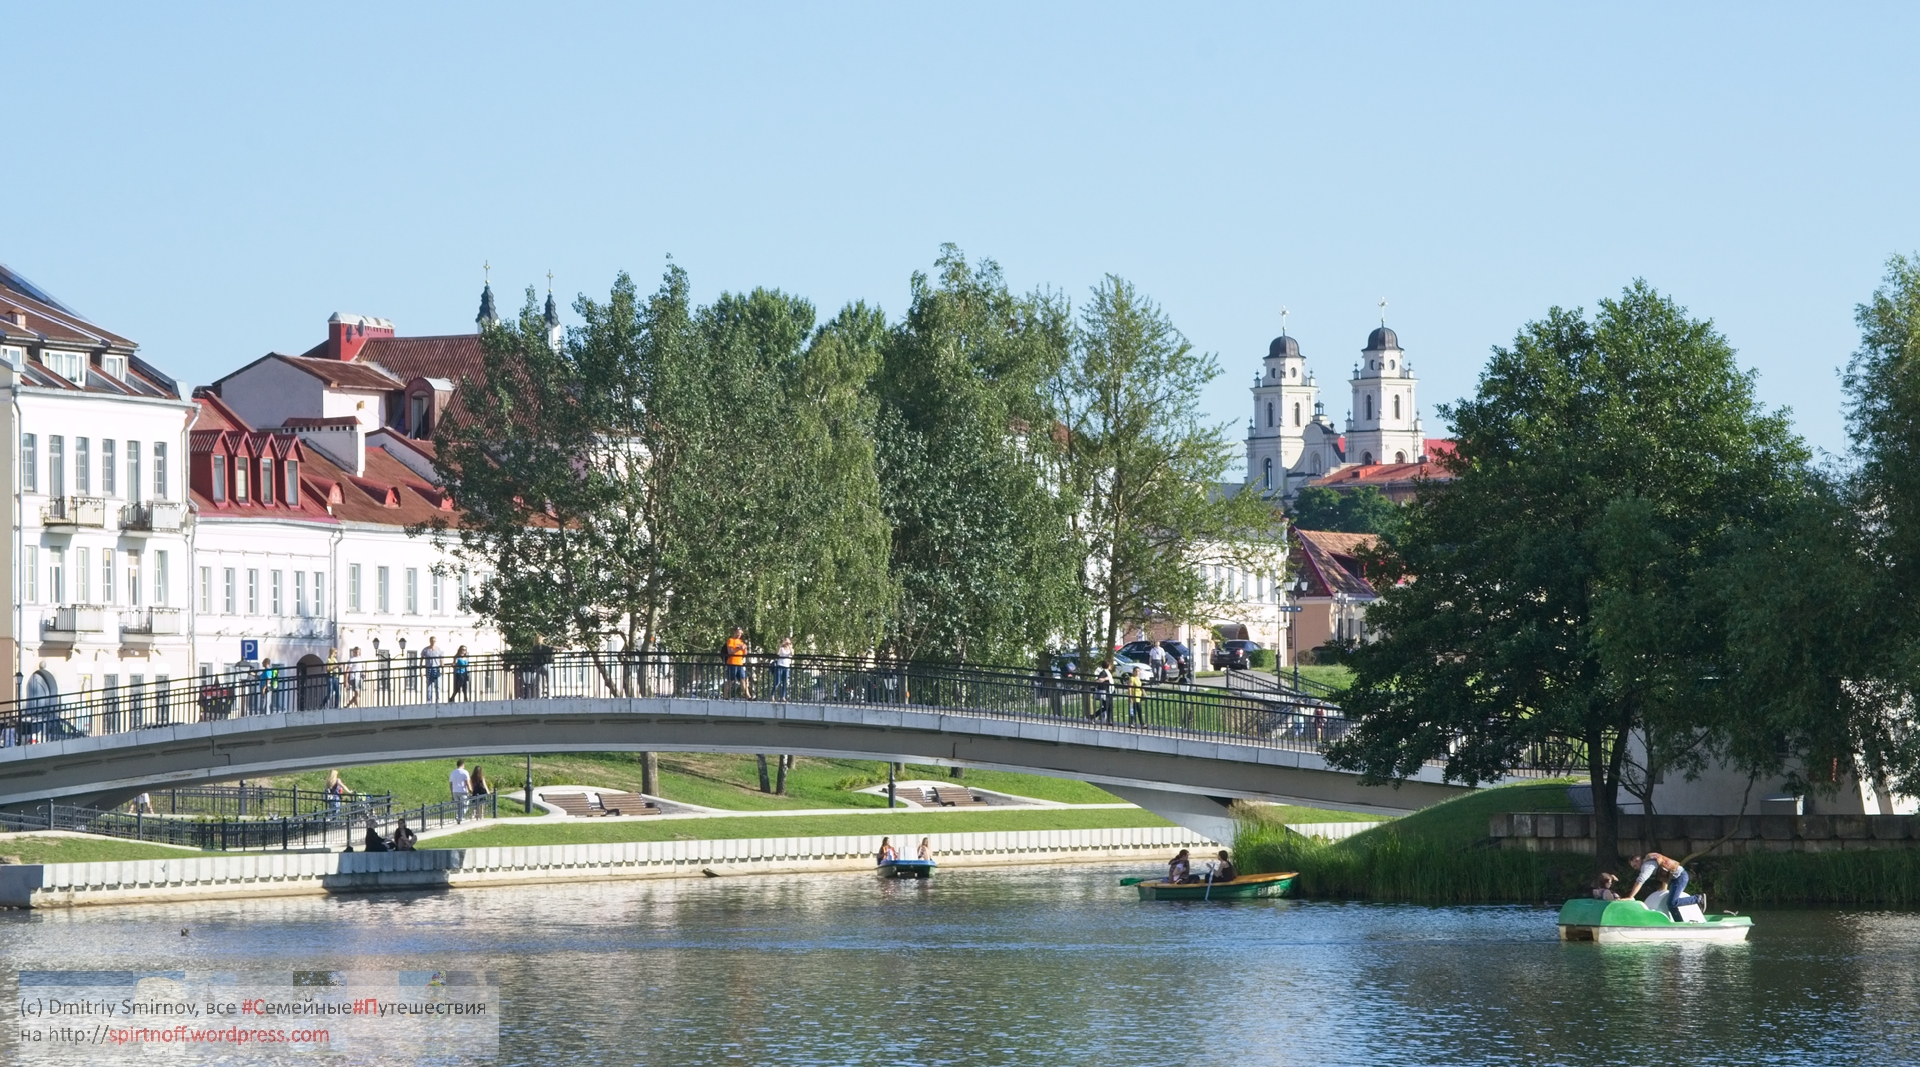 DSC_6654-Blog-10 Путешествия  Минск, Троицкое предместье, Набережная воинов-интернационалистов